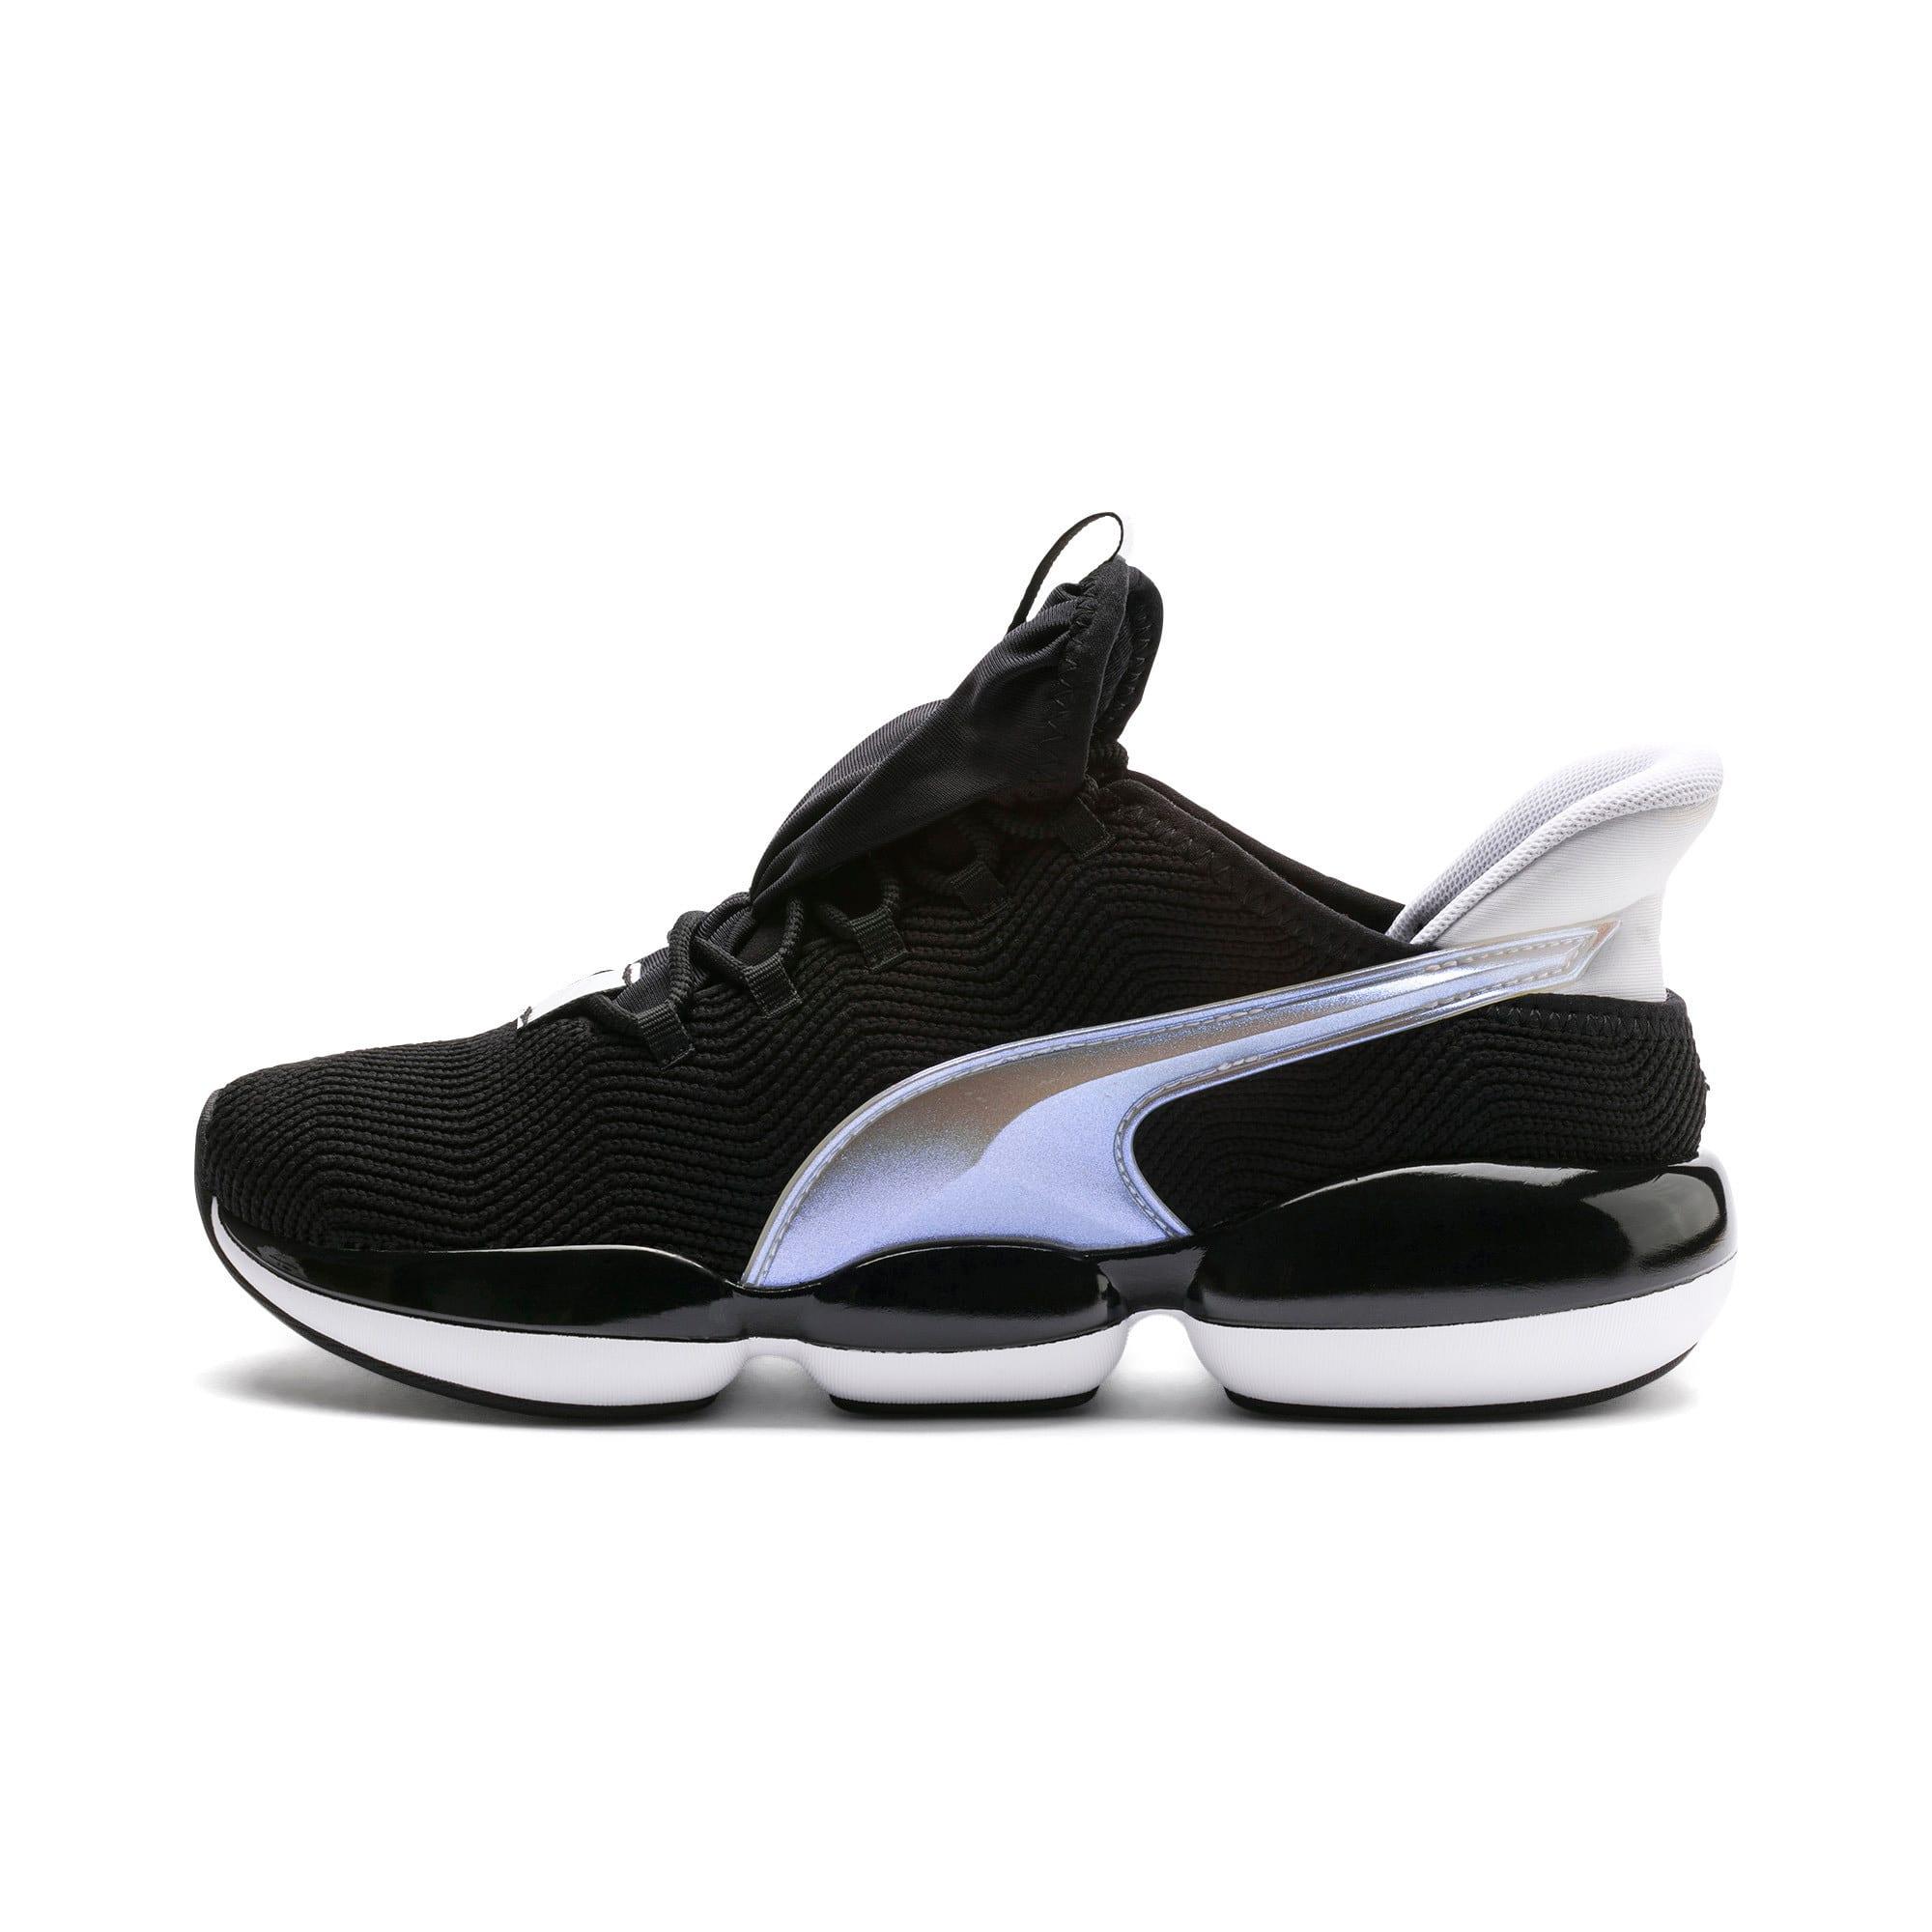 Miniatura 1 de Zapatos de entrenamiento iridiscentes Mode XT Trailblazer para mujer, Puma Black-Puma White, mediano